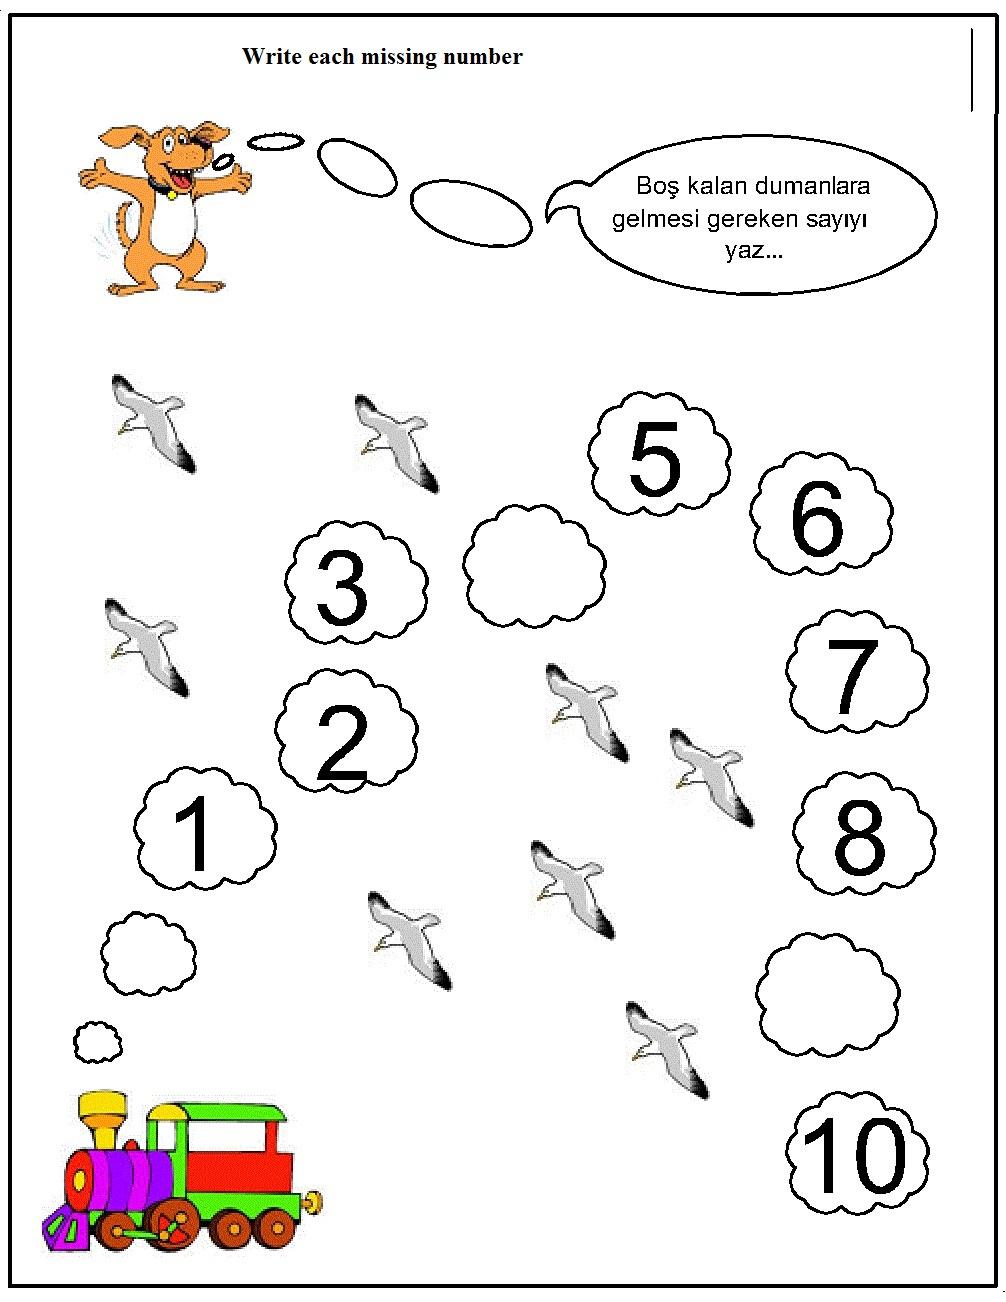 missing number worksheet for kids (14)